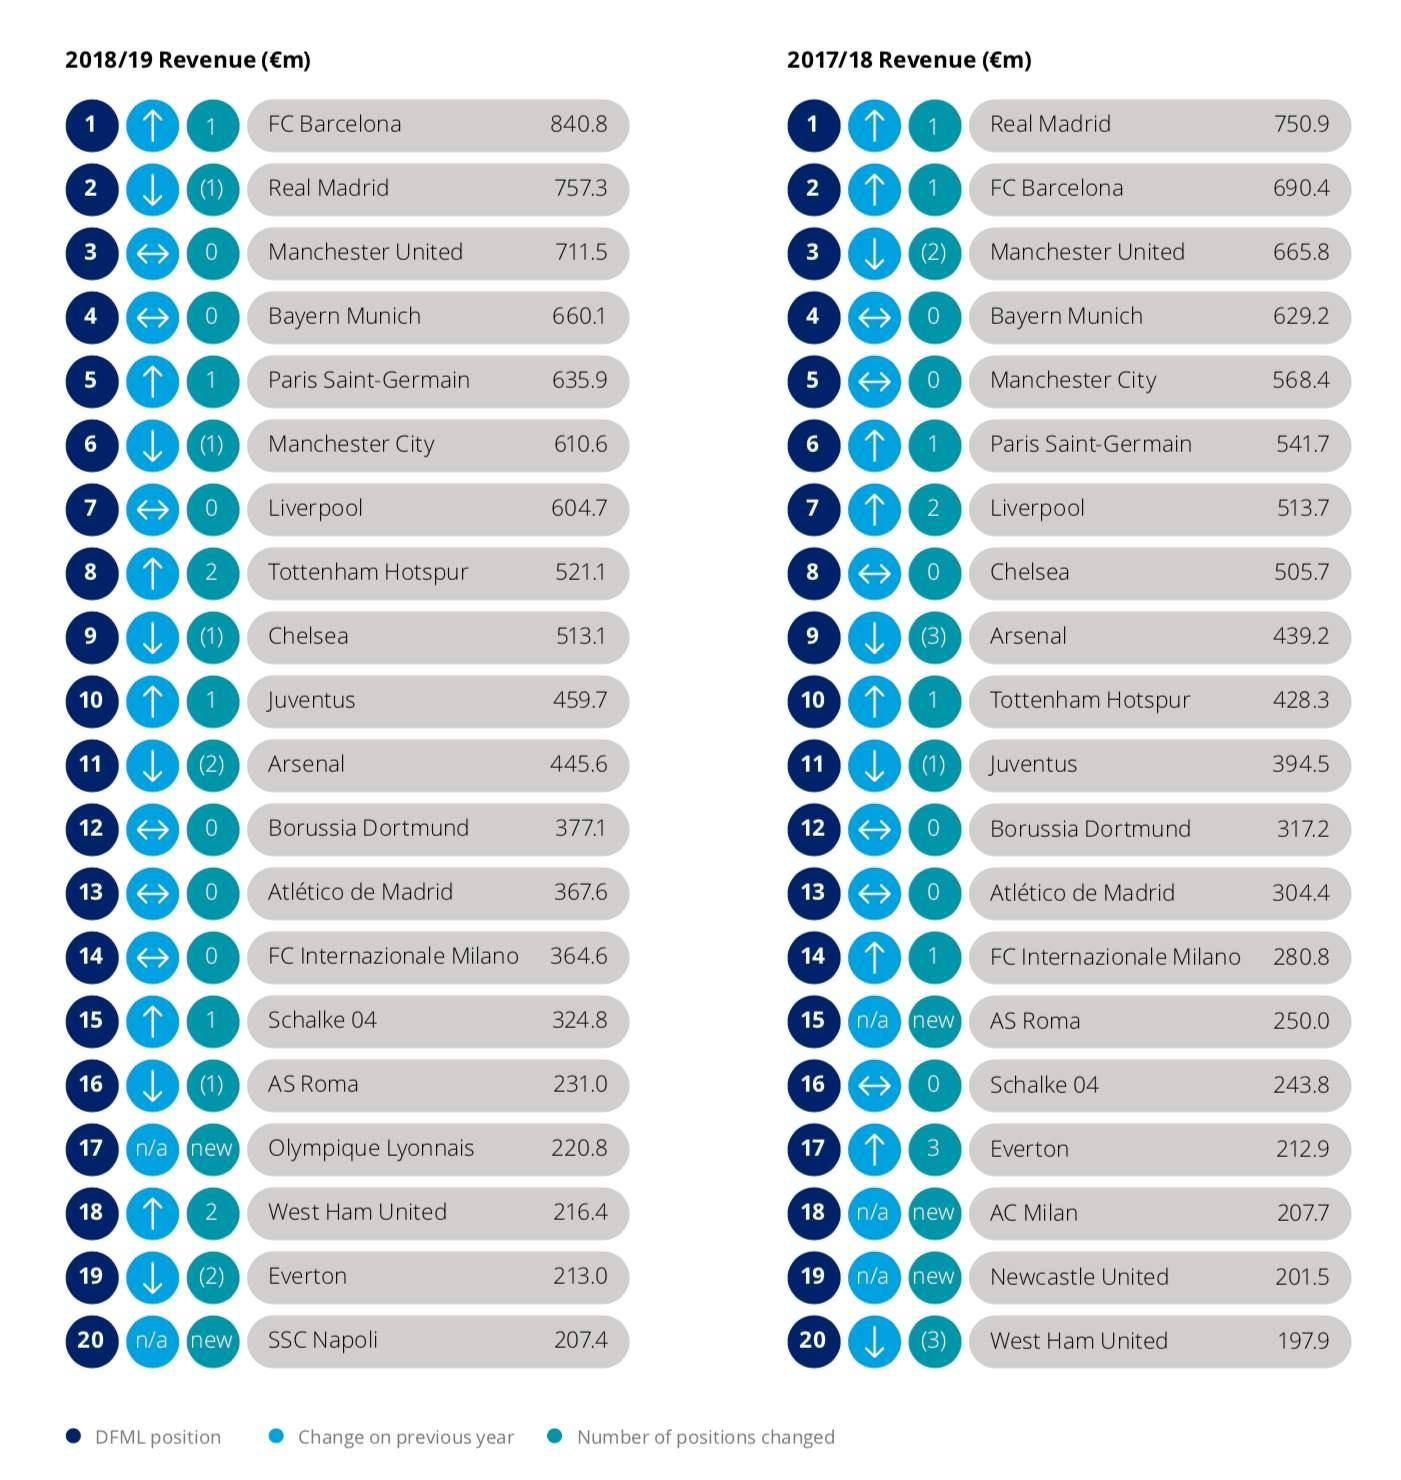 Le classifiche a confronto (Fonte: Deloitte)